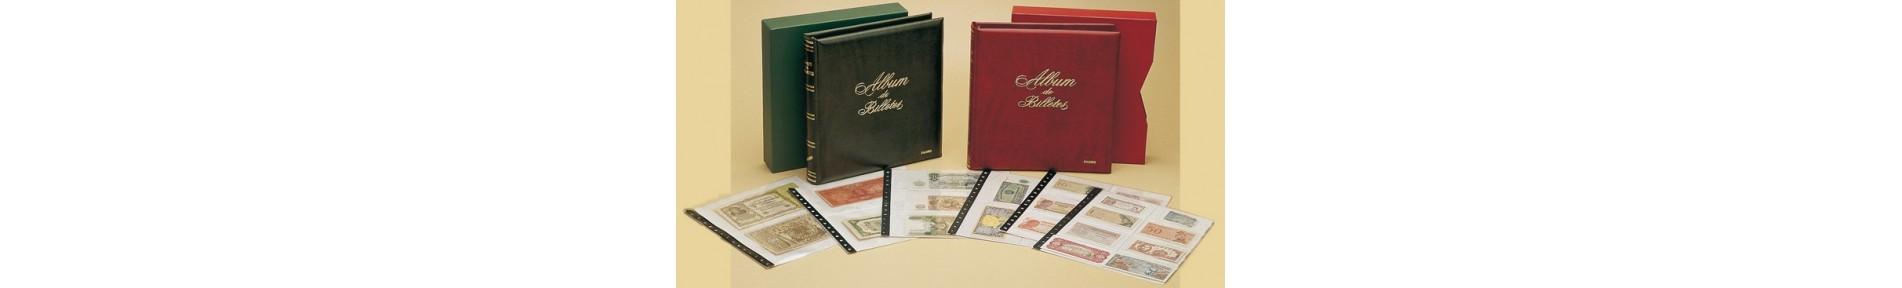 Álbum y hojas Billetes Banco